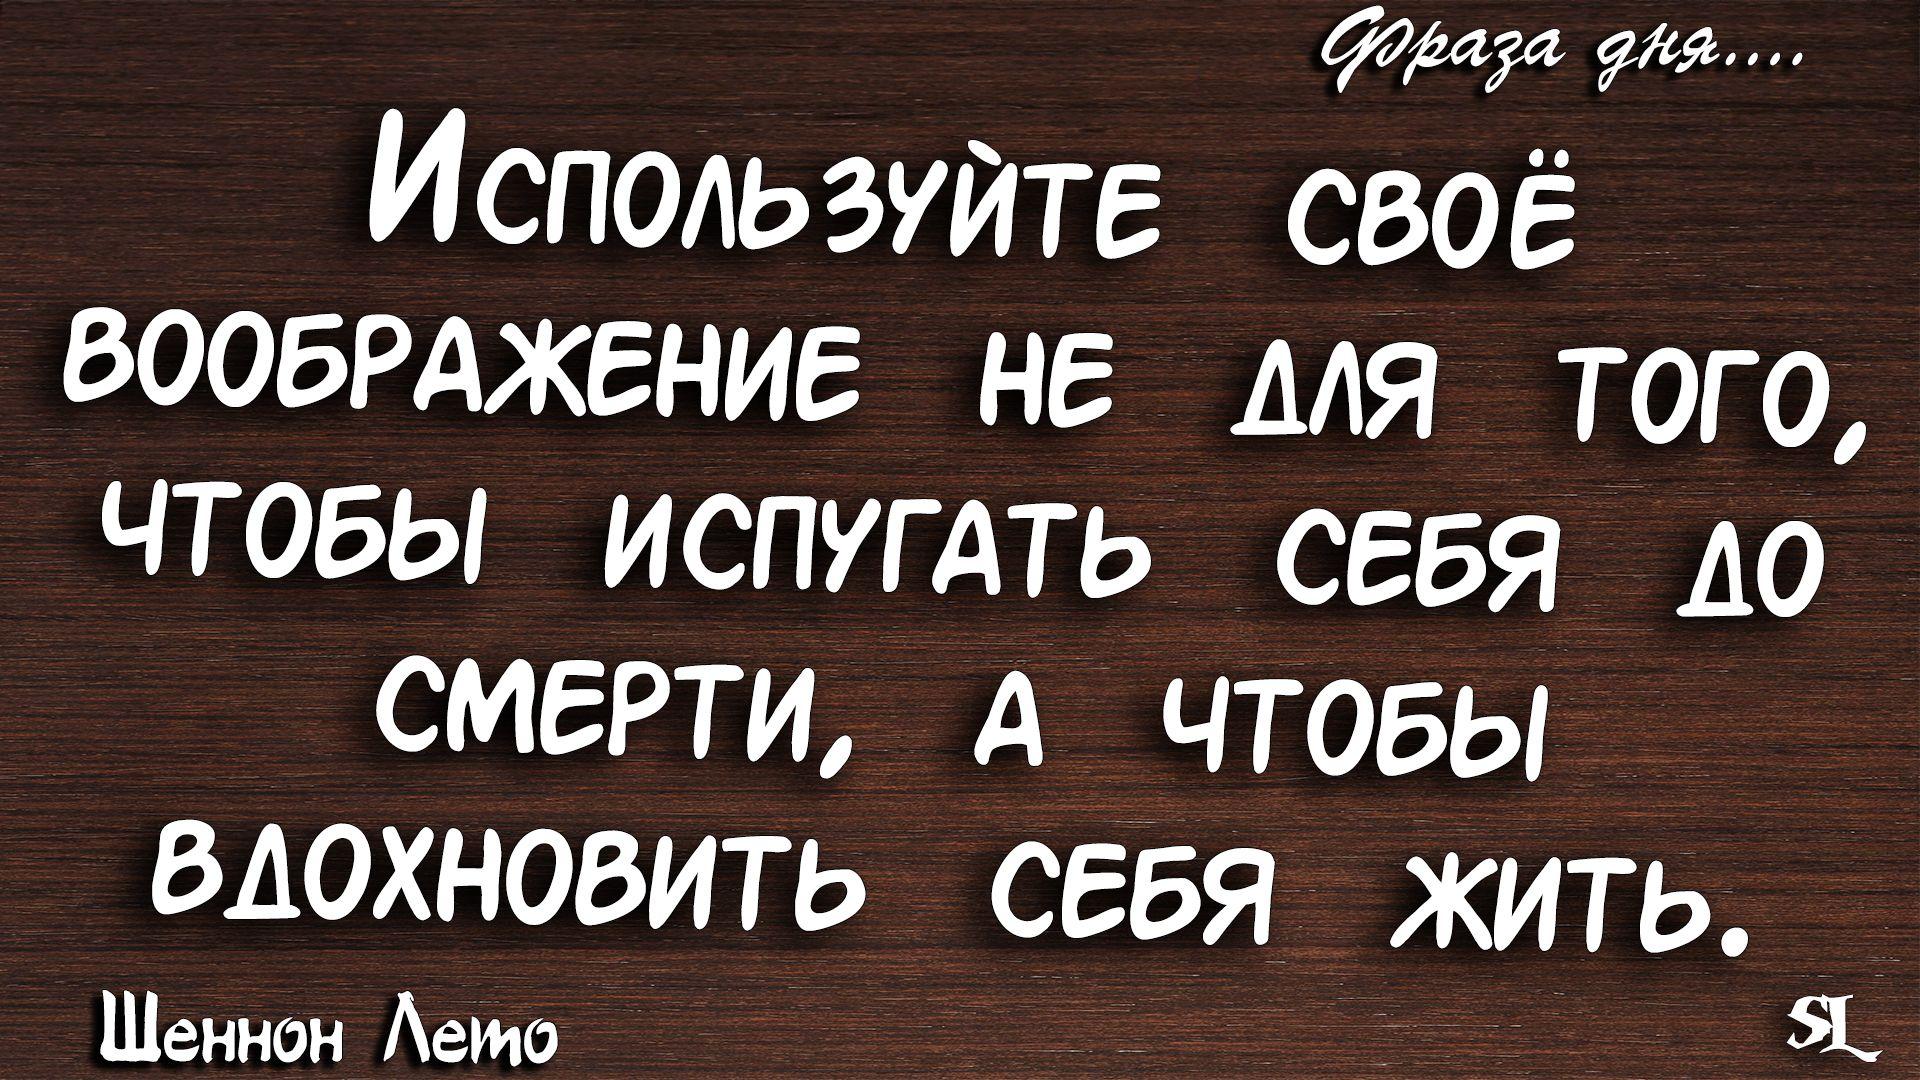 мотивационные цитаты на каждый день фразы на день Mot